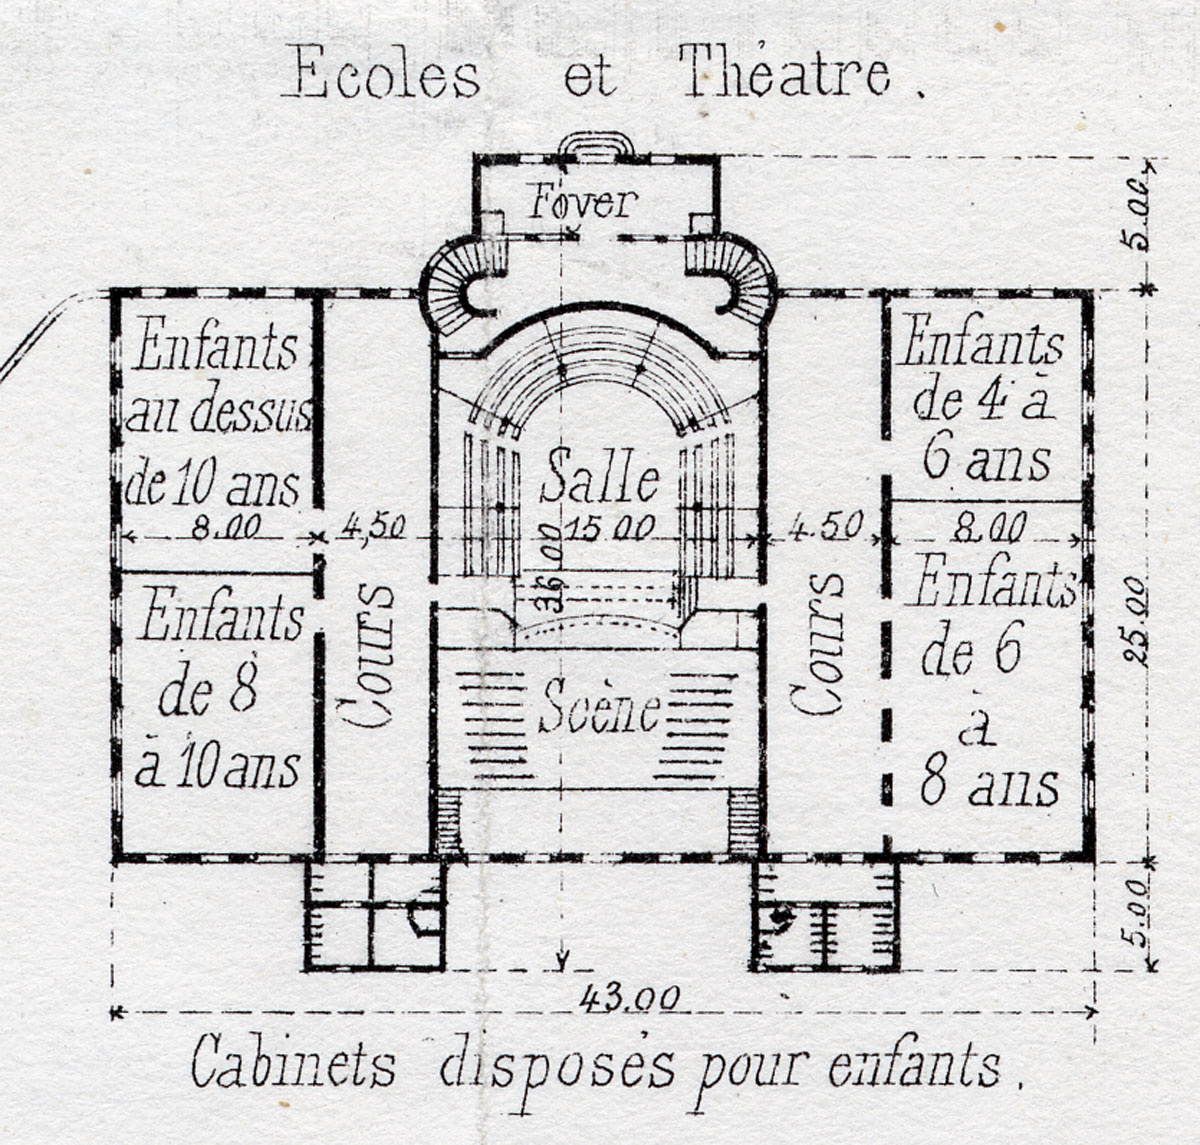 Plan du théâtre et des écoles en 1880, extrait d'une planche imprimée par Thierr